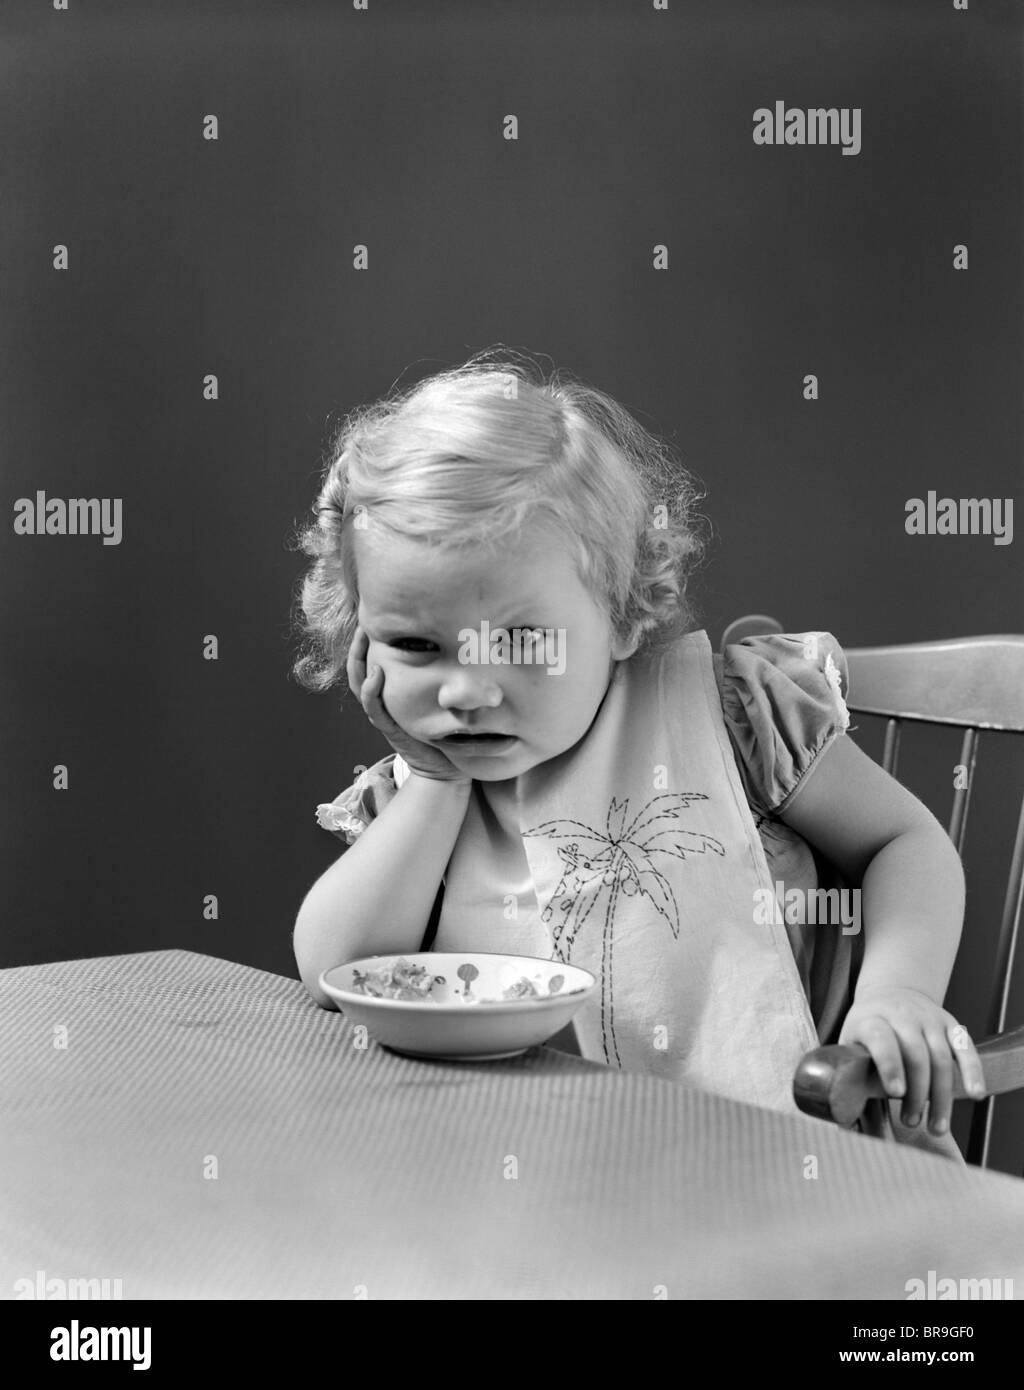 Années 1930 Années 1940 TRISTE FILLE BÉBÉ À TABLE AVEC BOL DE CÉRÉALES Photo Stock